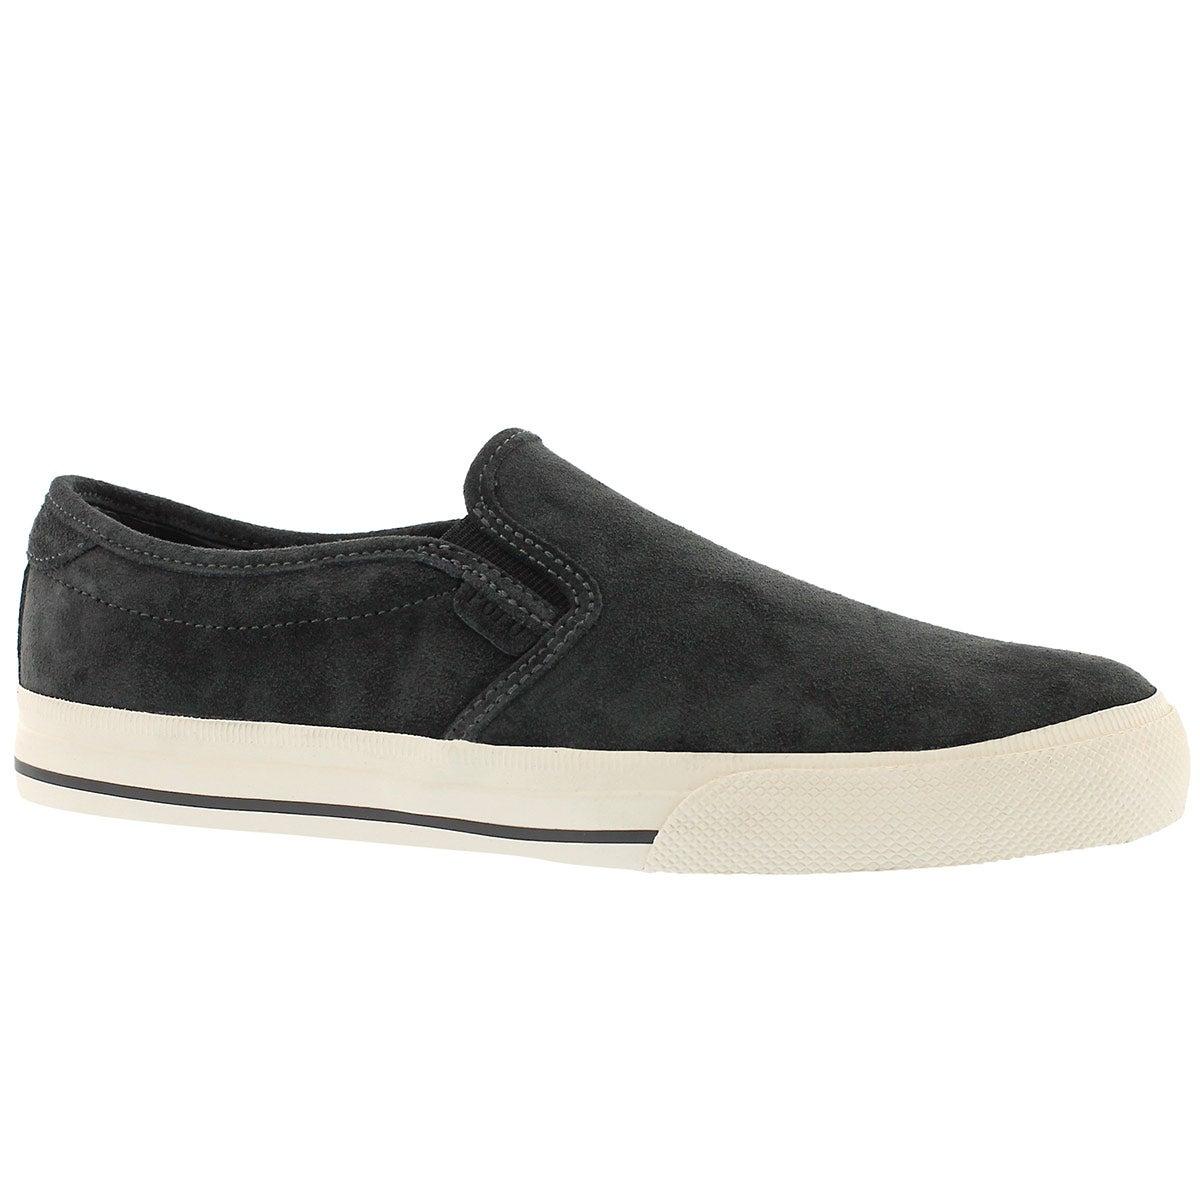 Men's VAUGHN SLIP ON II grey casual shoe